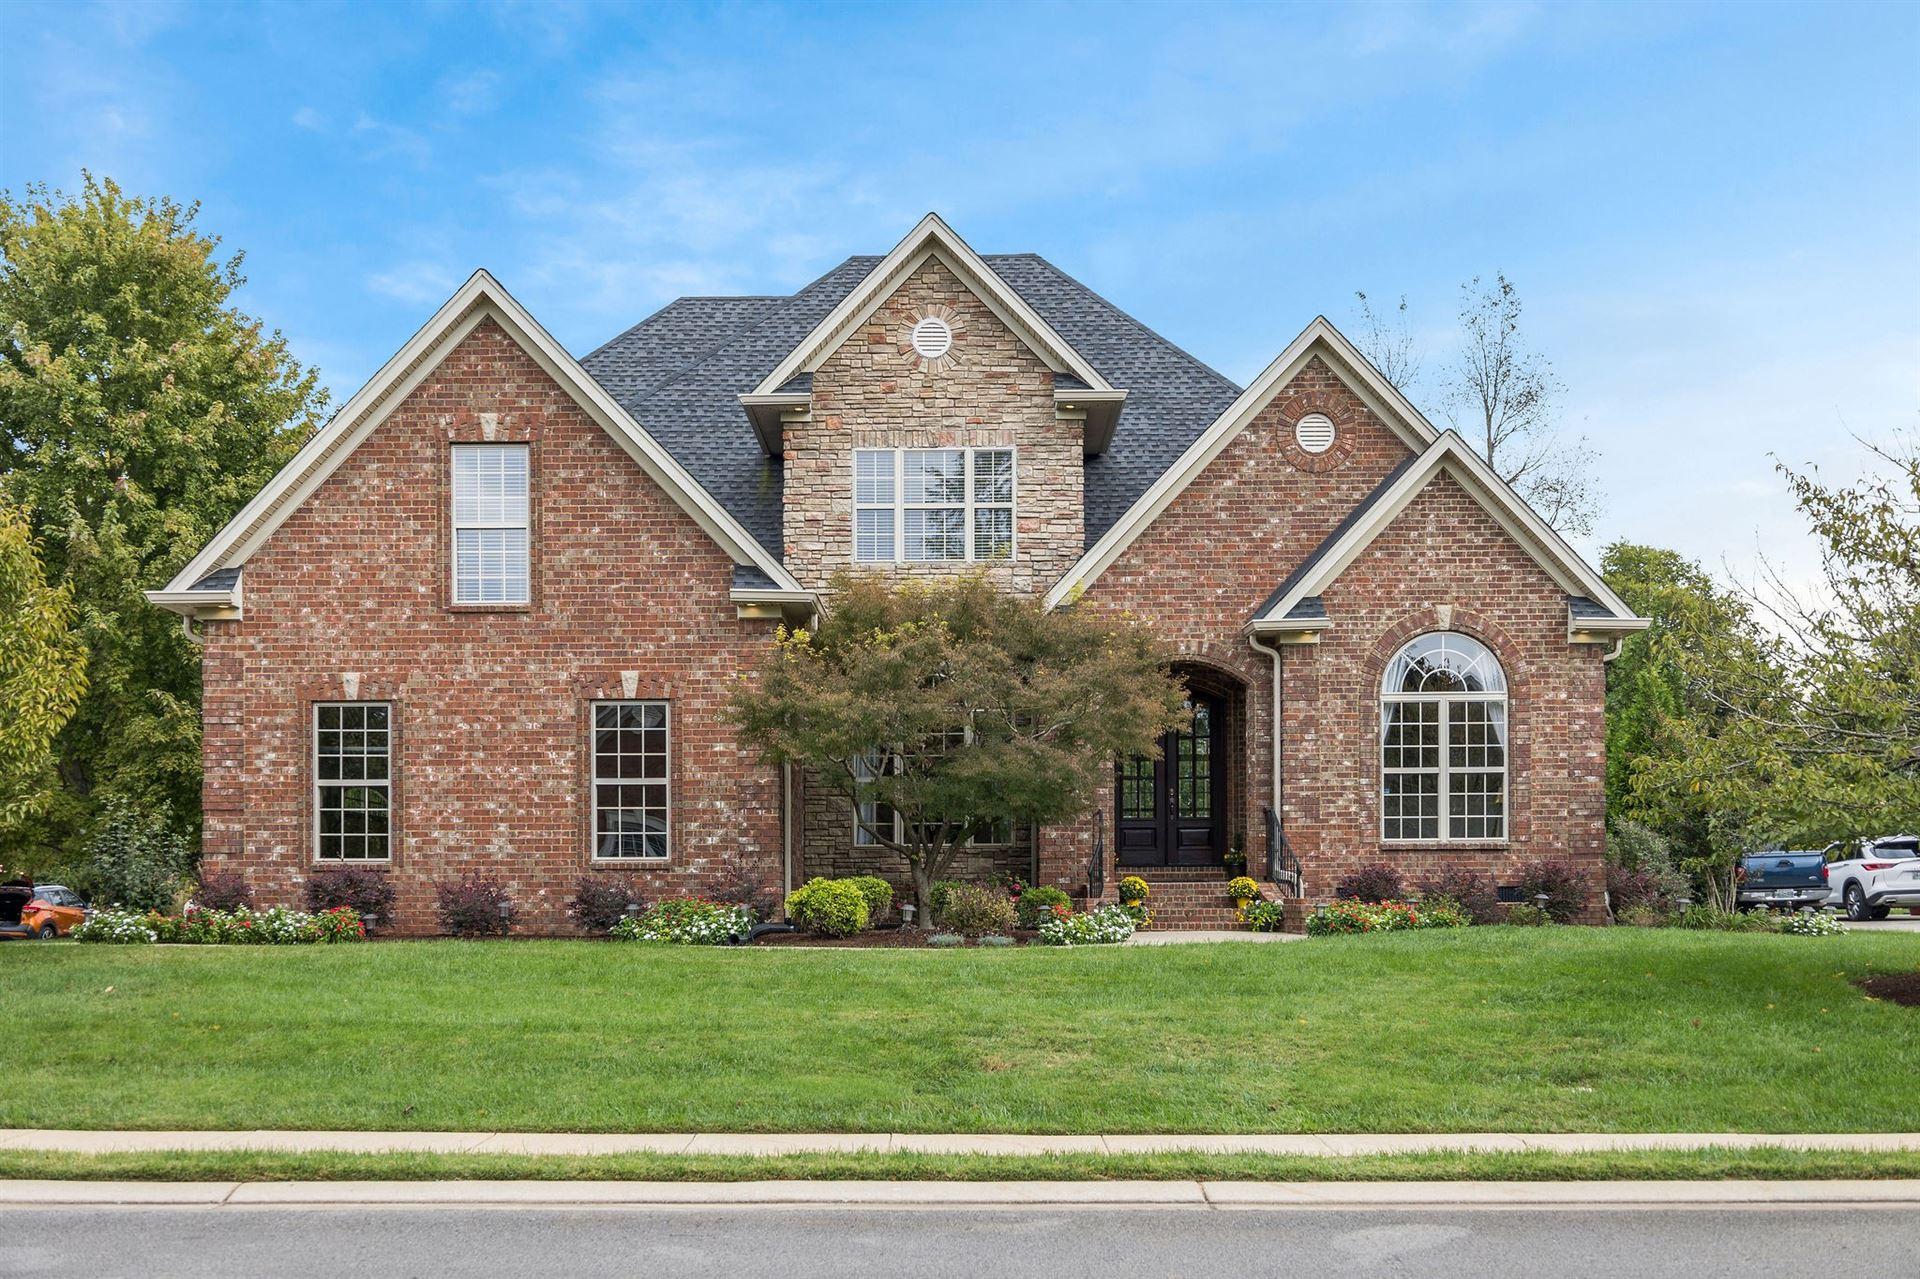 2724 Blooming Oak Pl, Murfreesboro, TN 37130 - MLS#: 2302561